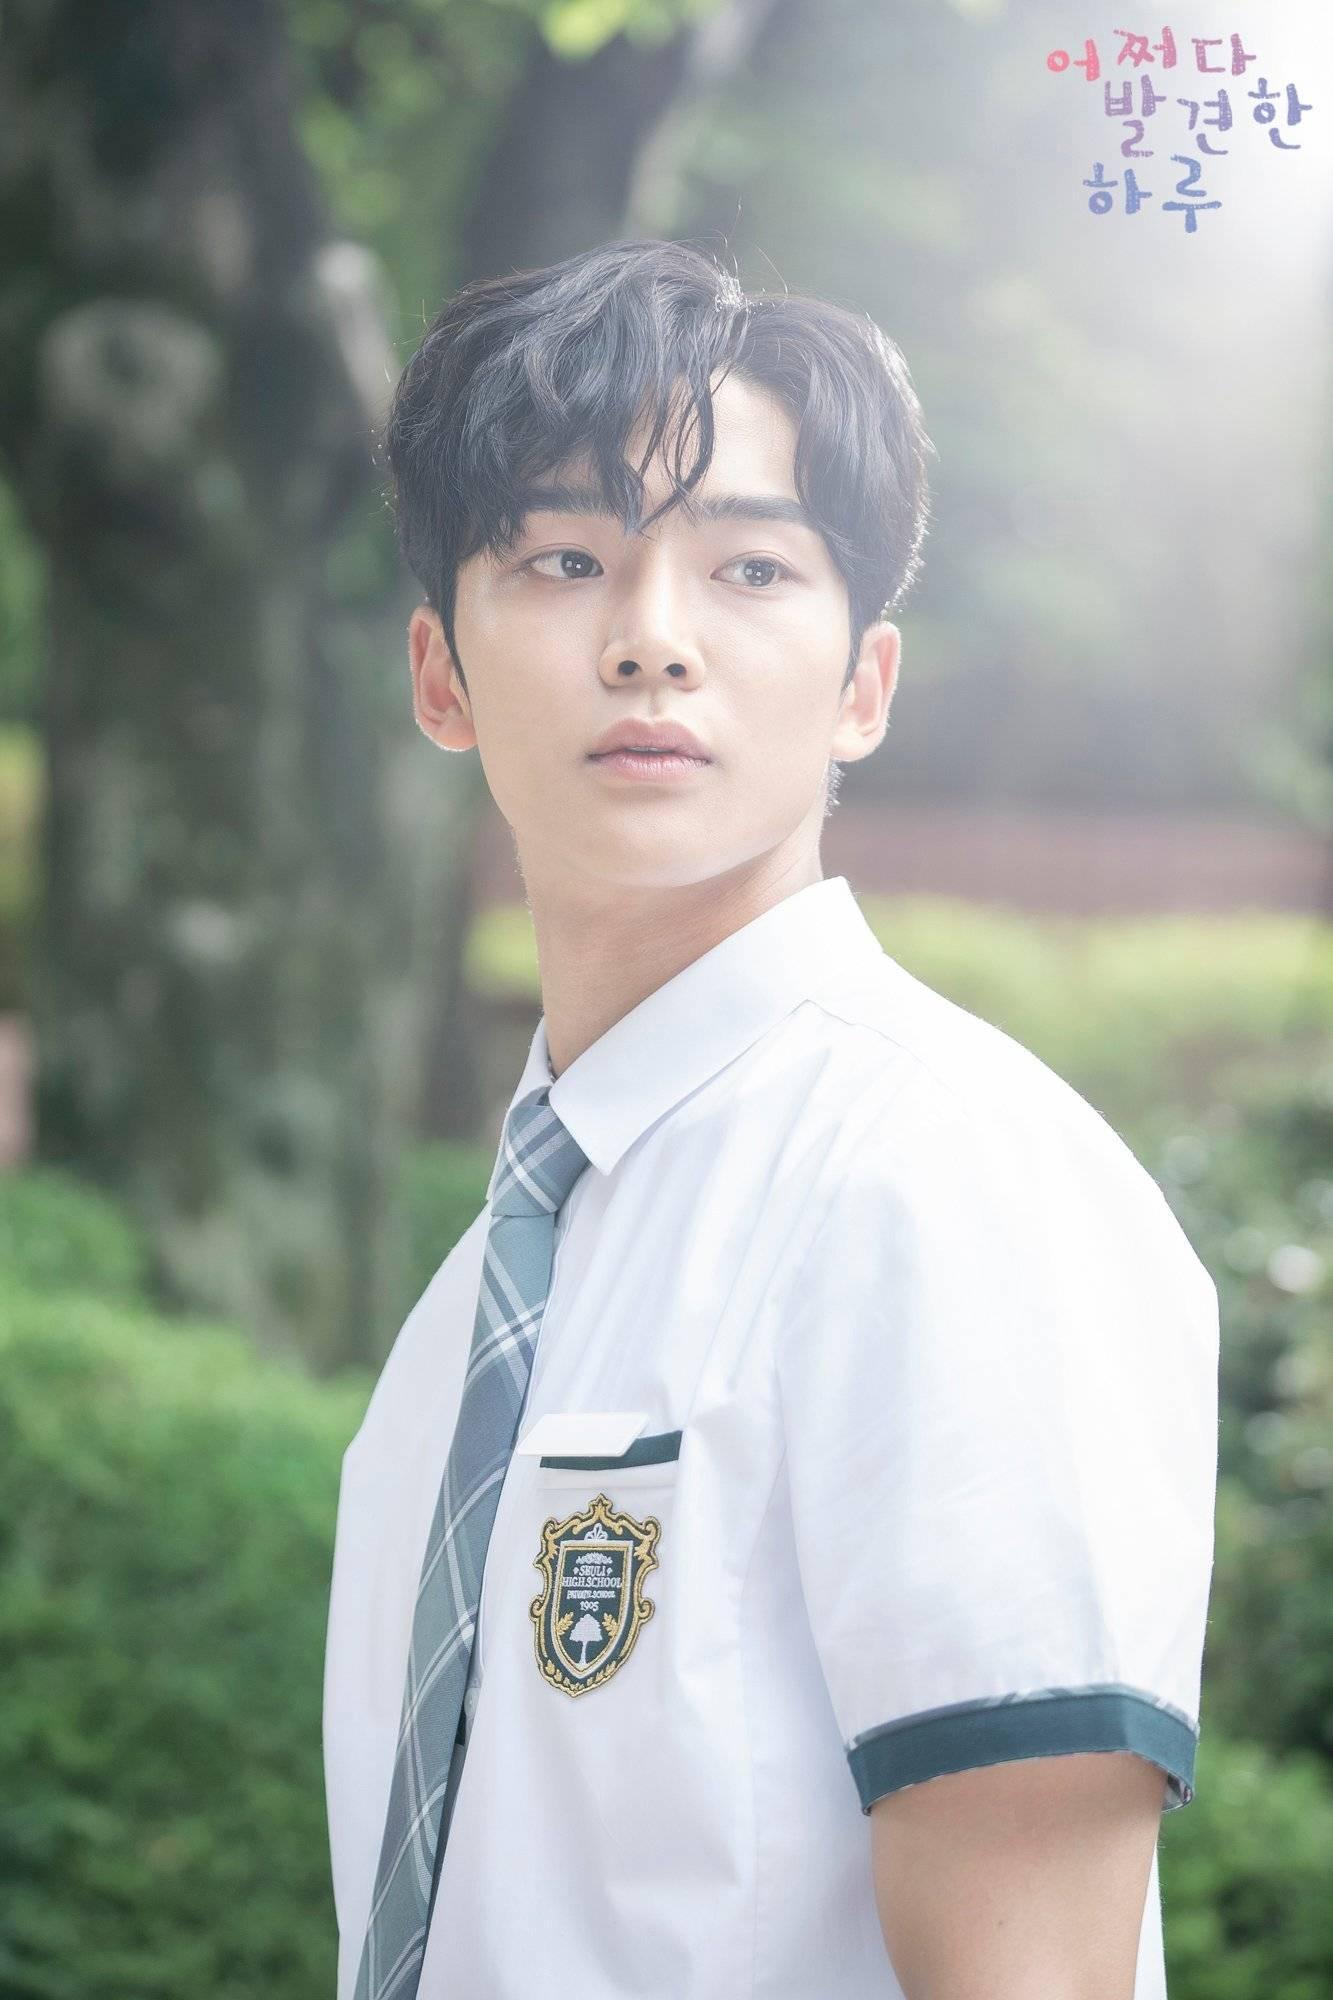 Chia sẻ của Lee Jae Wook về quá trình quay phim Extraordinary You: Tôi phải nỗ lực rất nhiều để hiểu được nhân vật ảnh 2